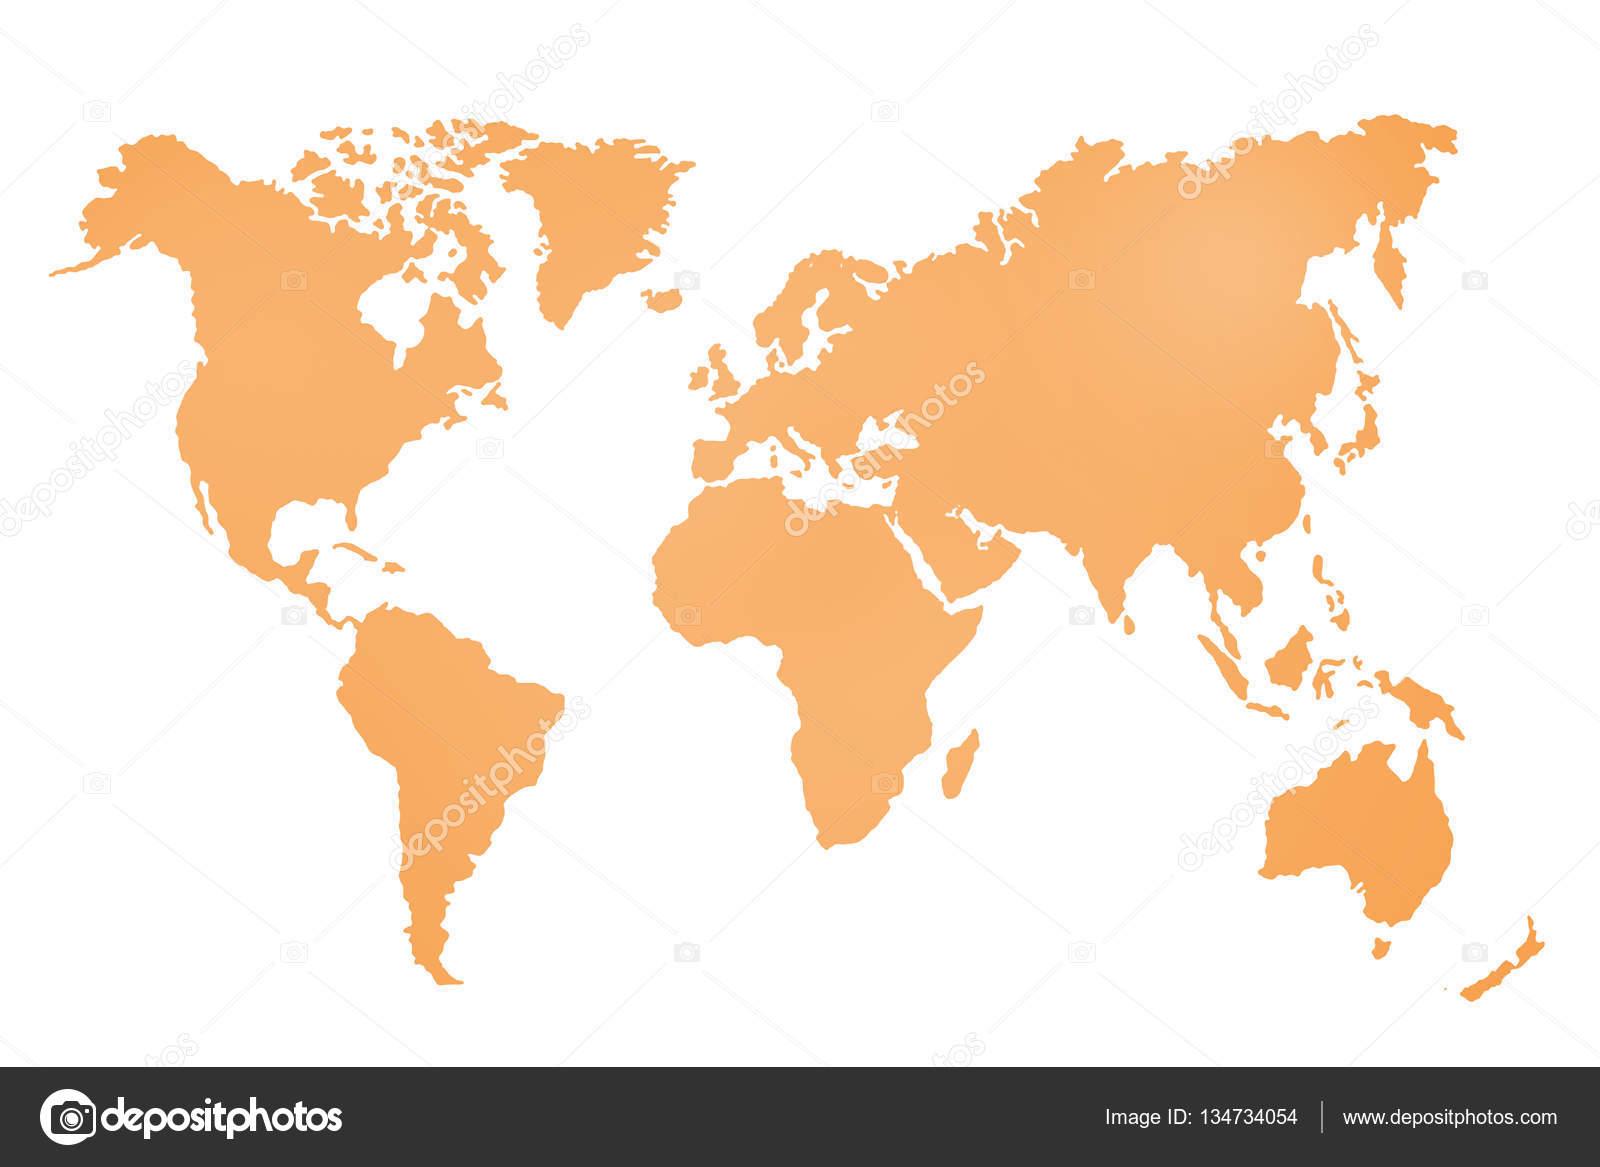 世界地図の抽象的なイラスト ストック写真 Tiagoz 134734054